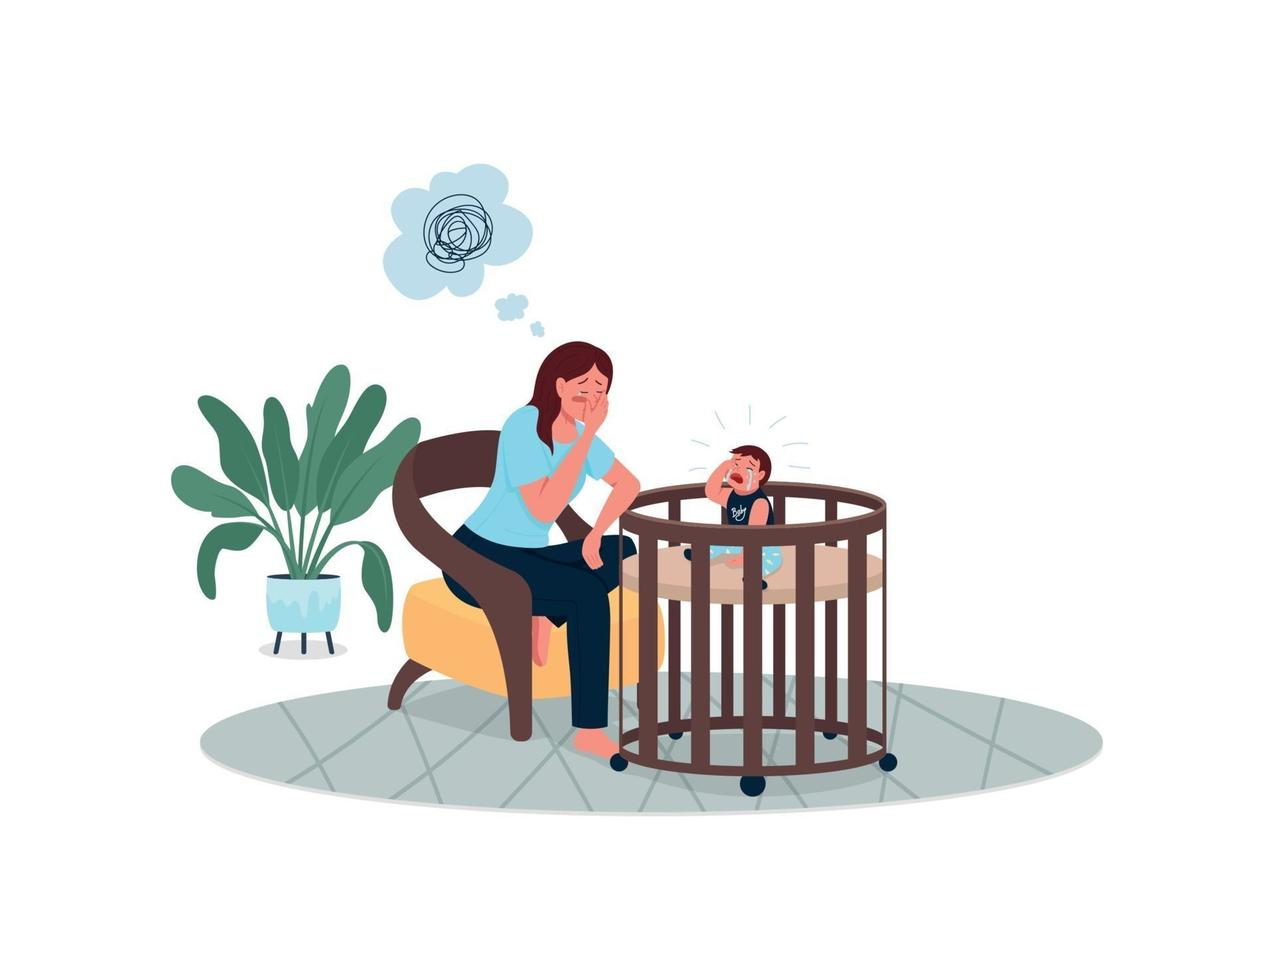 depressieve moeder met huilende baby egale kleur vector gedetailleerde karakters